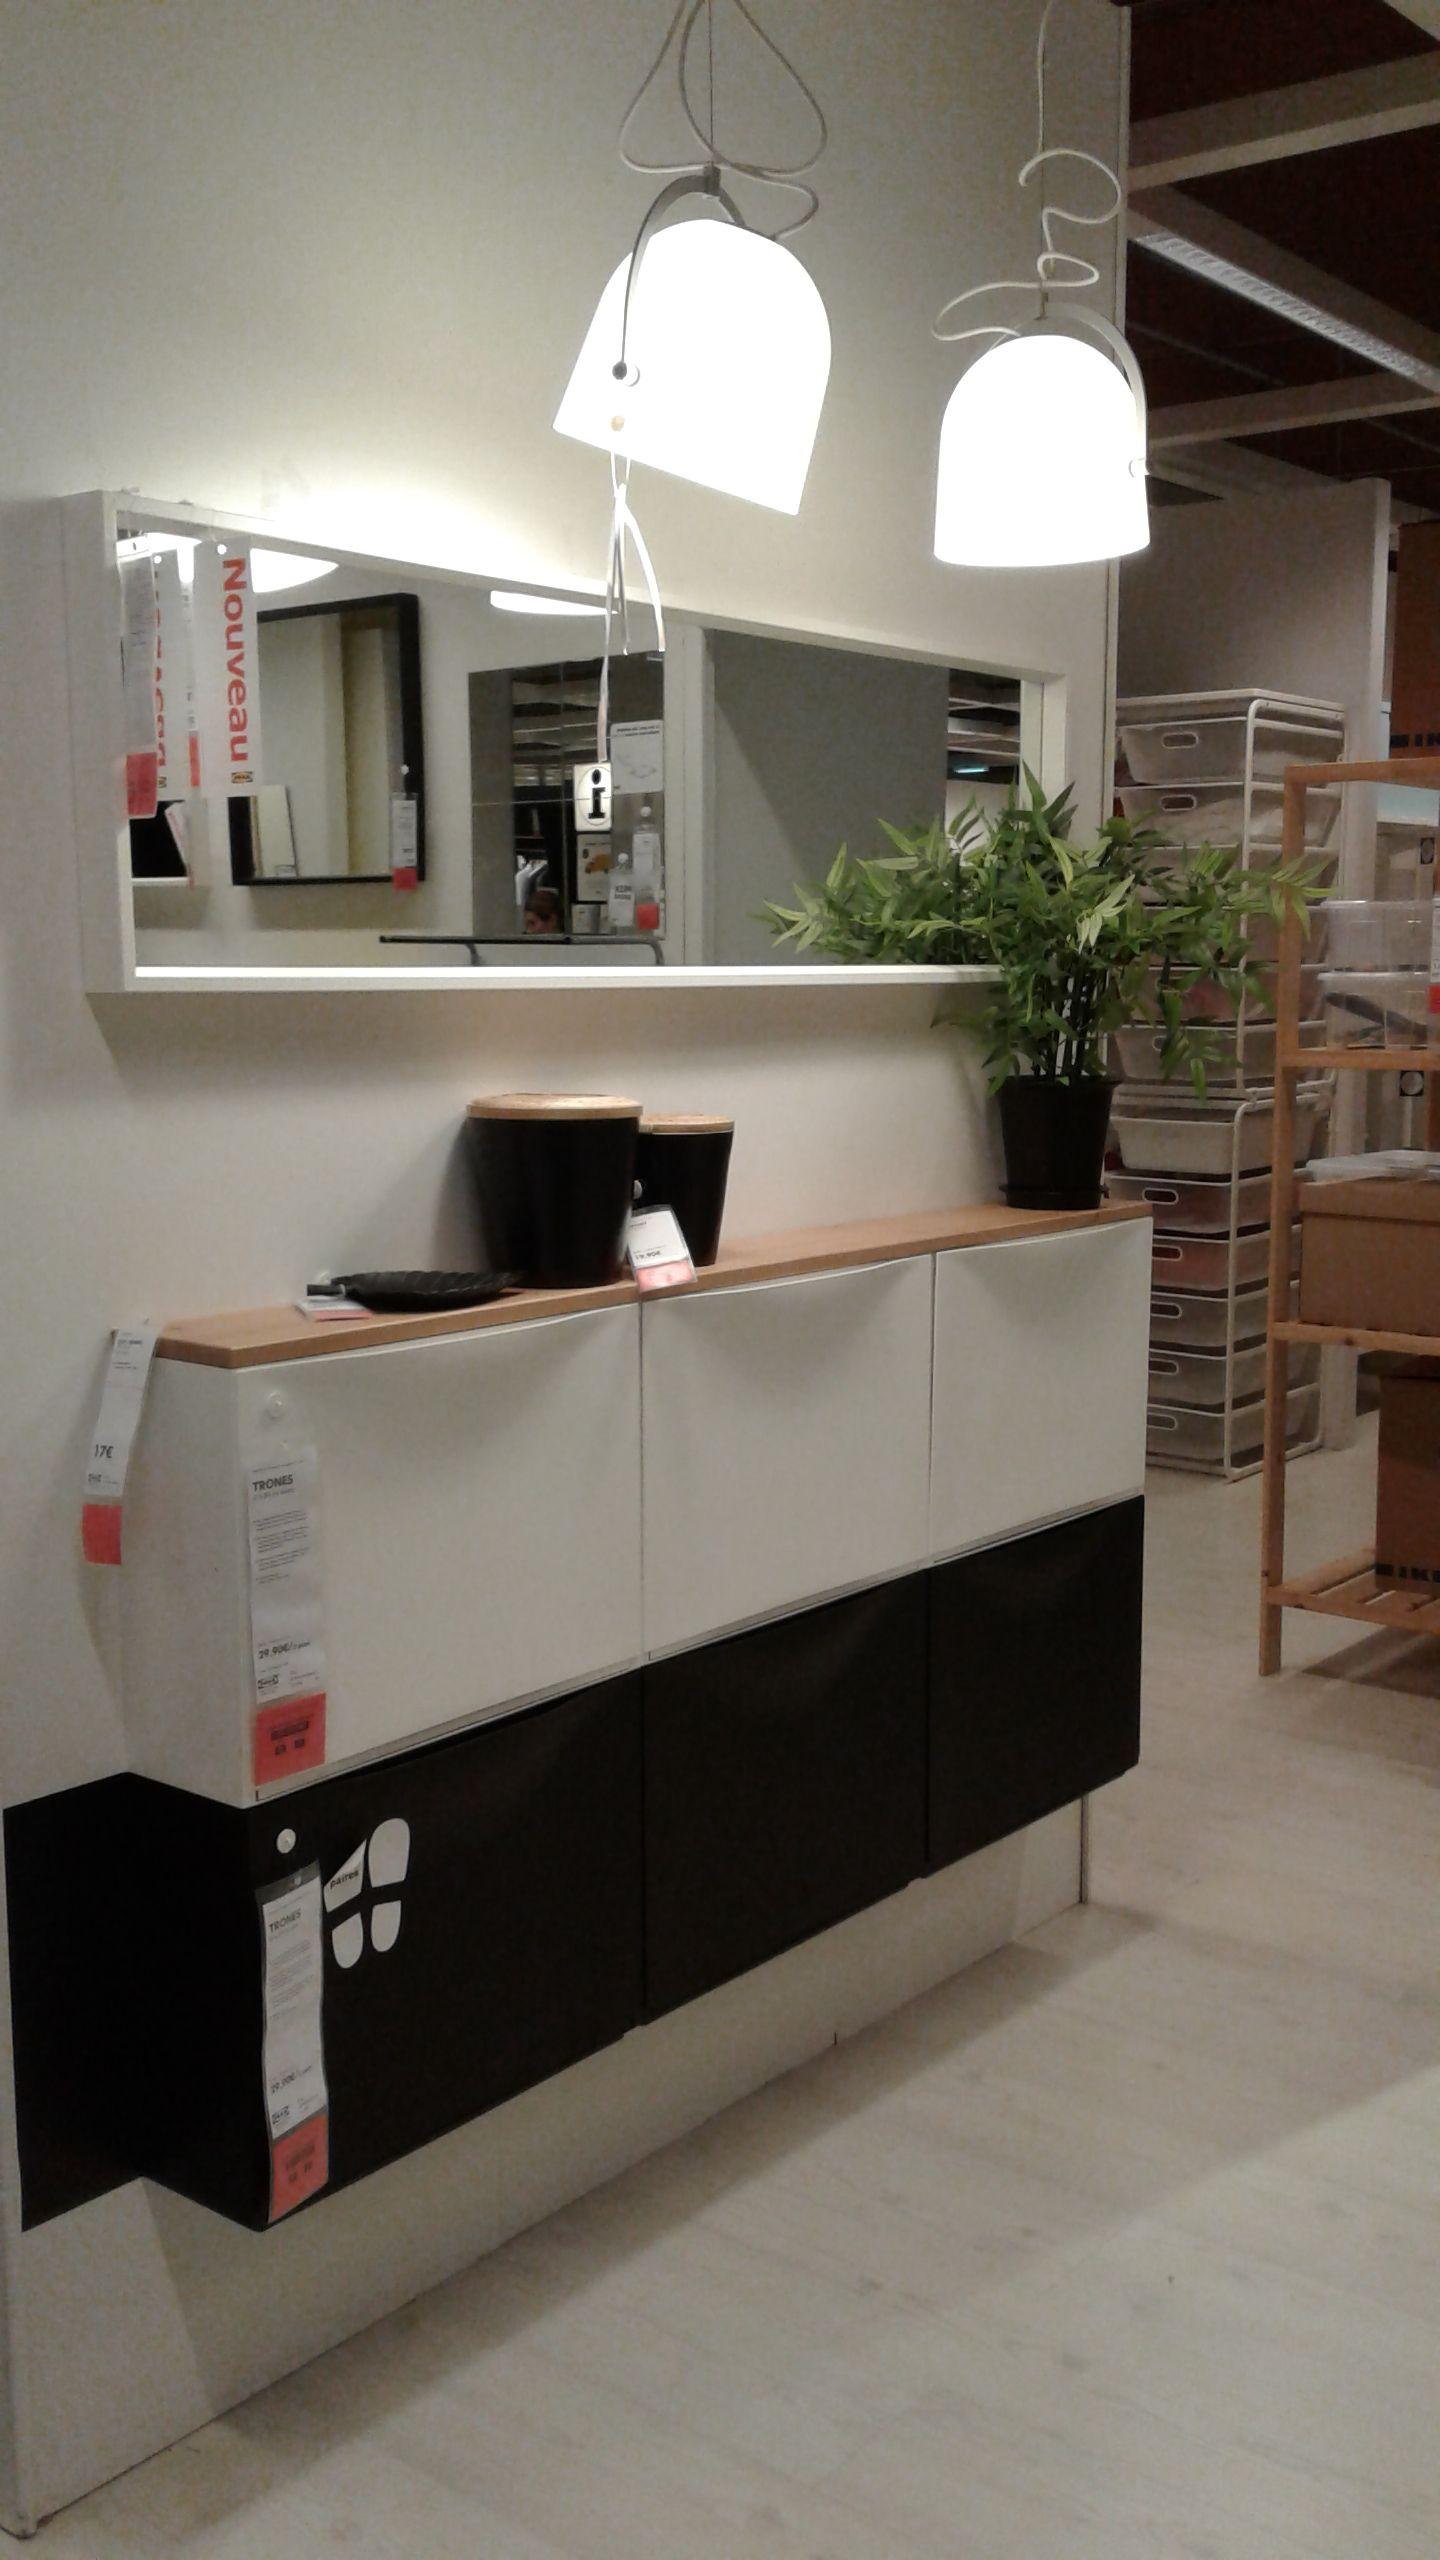 Ikea trones 51x39cm vendu par 3 29 90 tablette brun for Miroir ikea hemnes